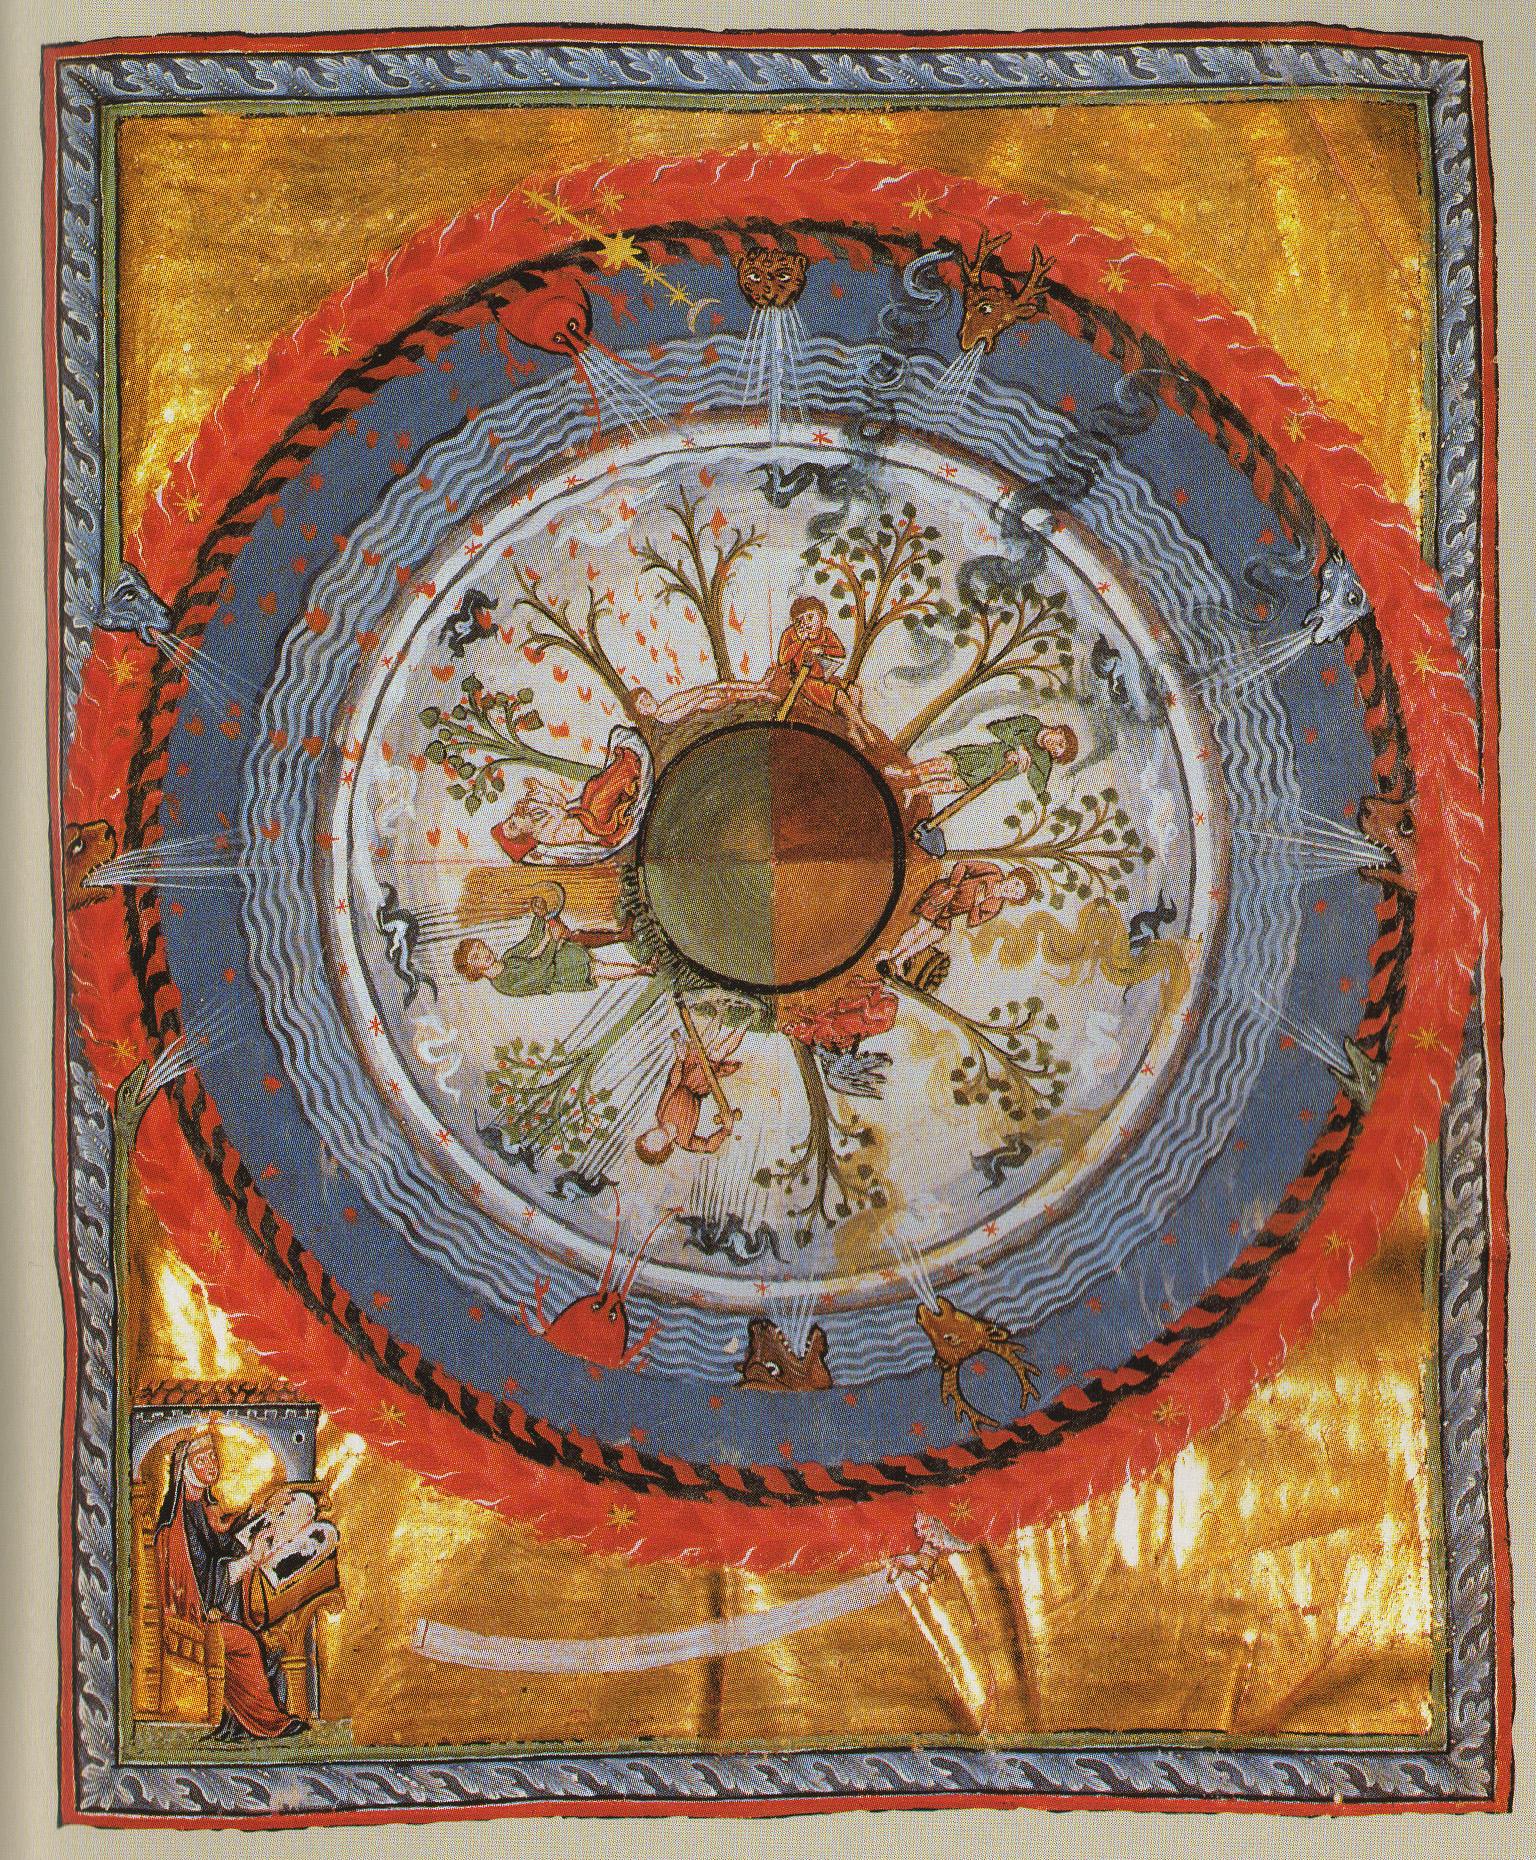 Hildegard von Bingen, 11th century German mystic